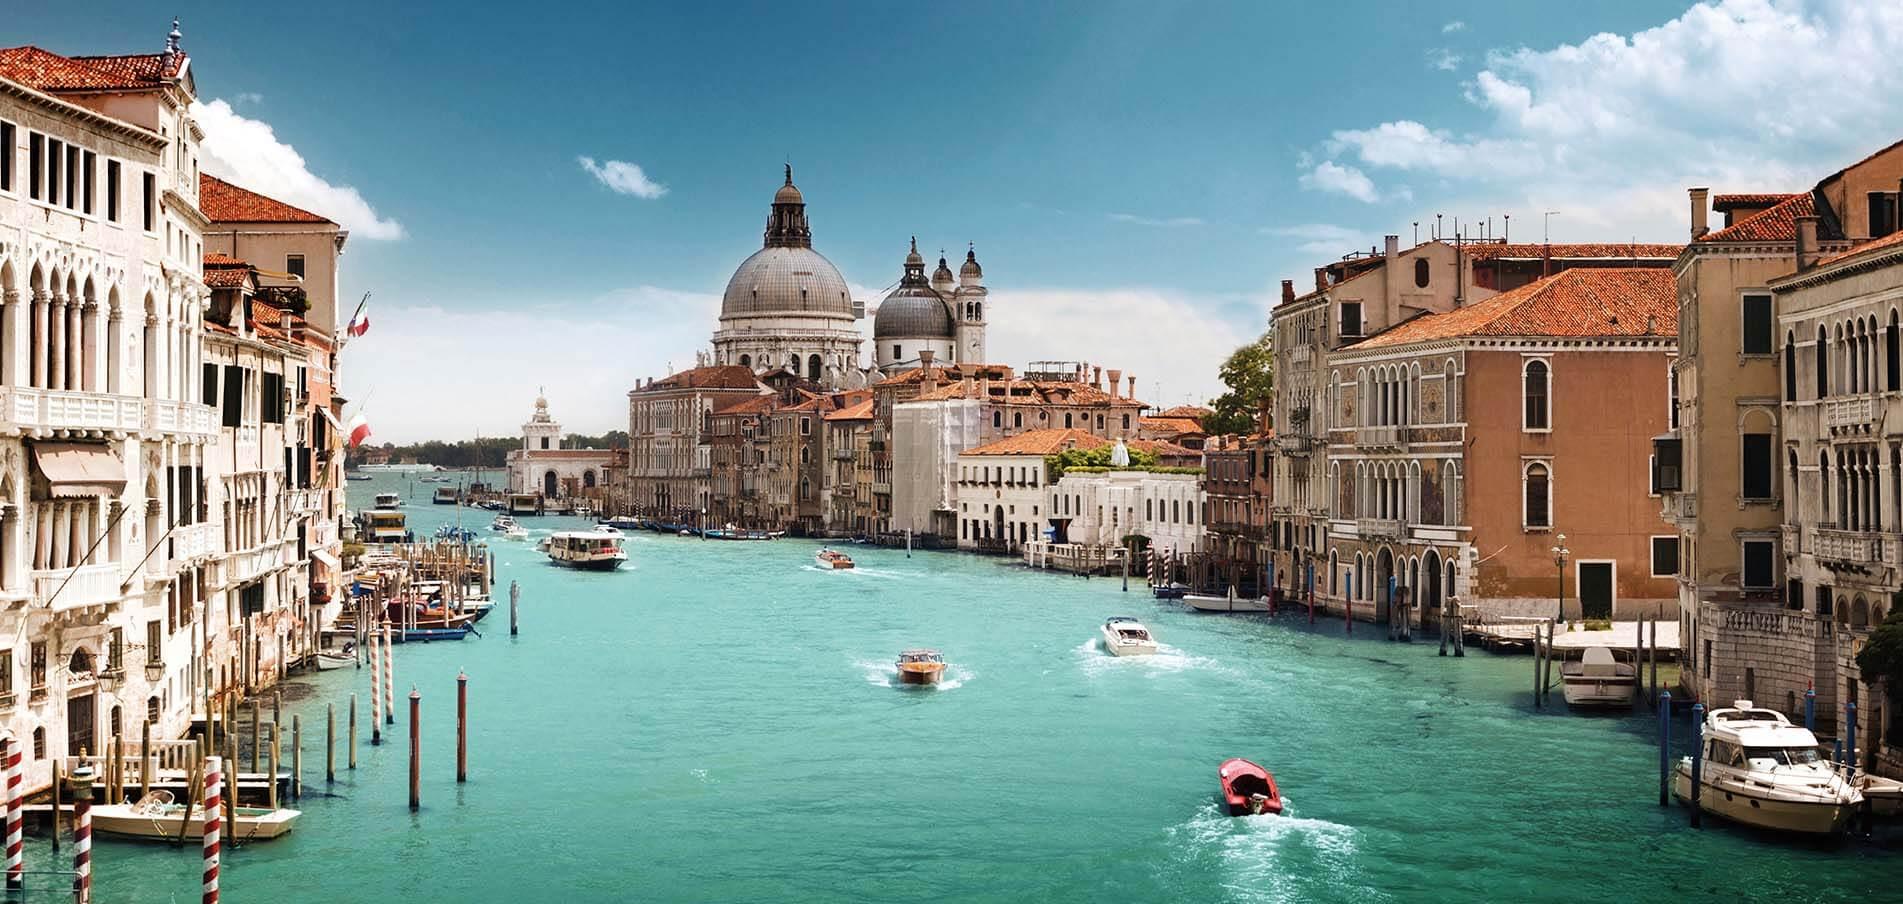 Location de yacht de luxe Venise